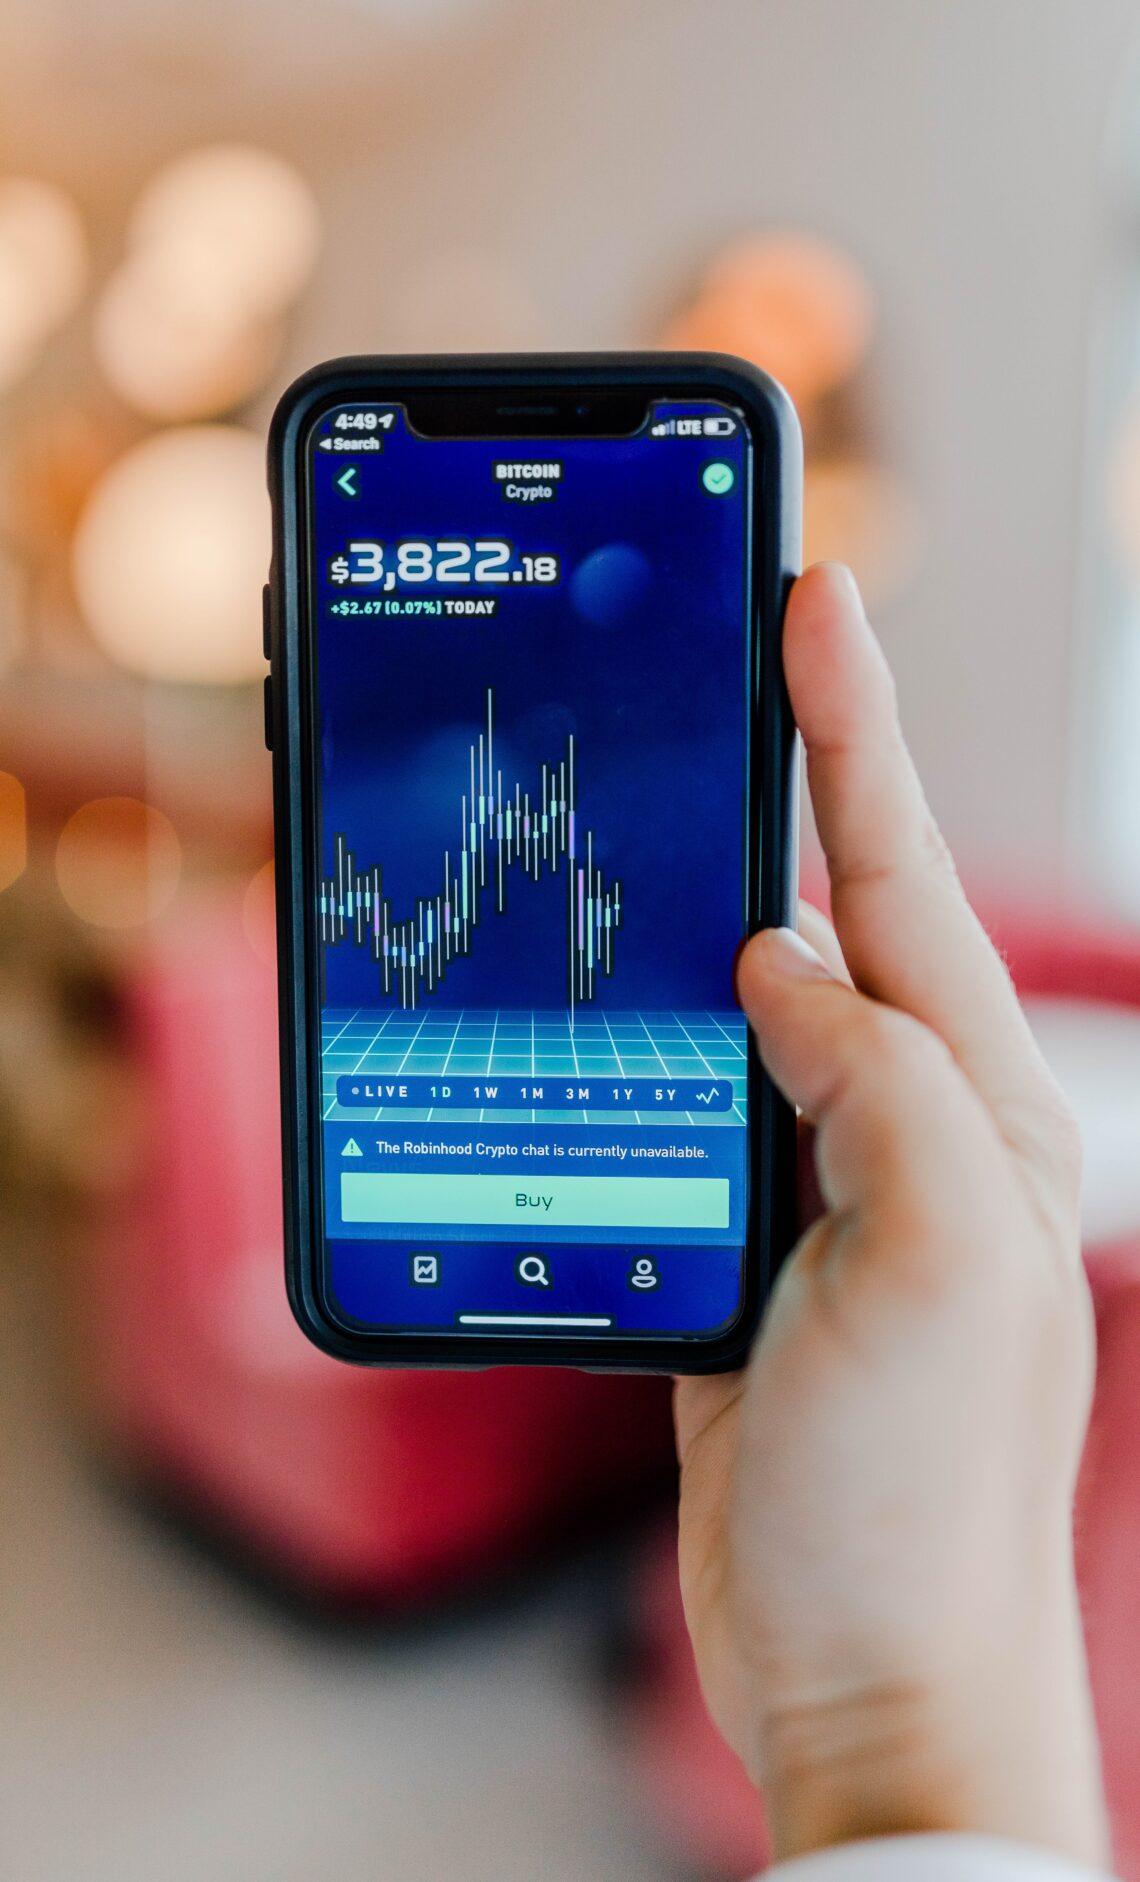 Warum boomt der Krypto-Kredit-Markt?